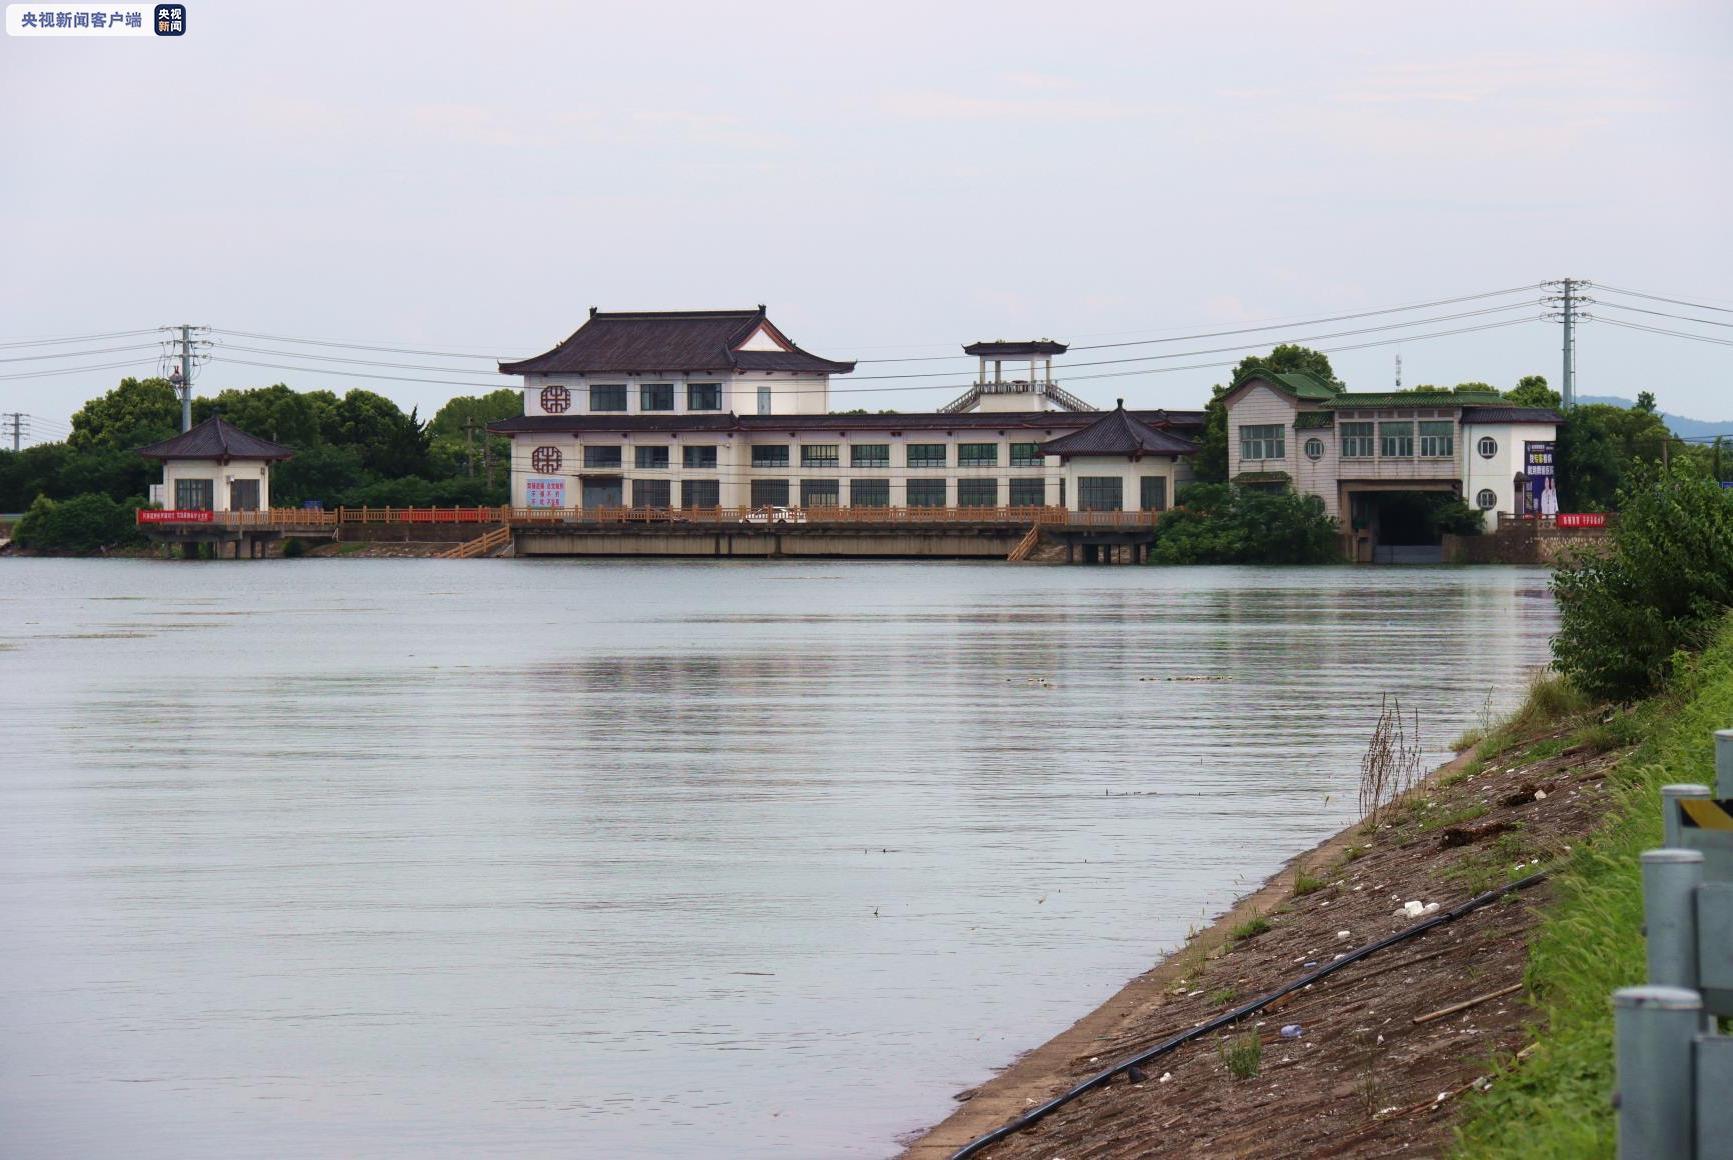 [杏悦]石杏悦臼湖区域启动防汛Ⅰ级应急图片